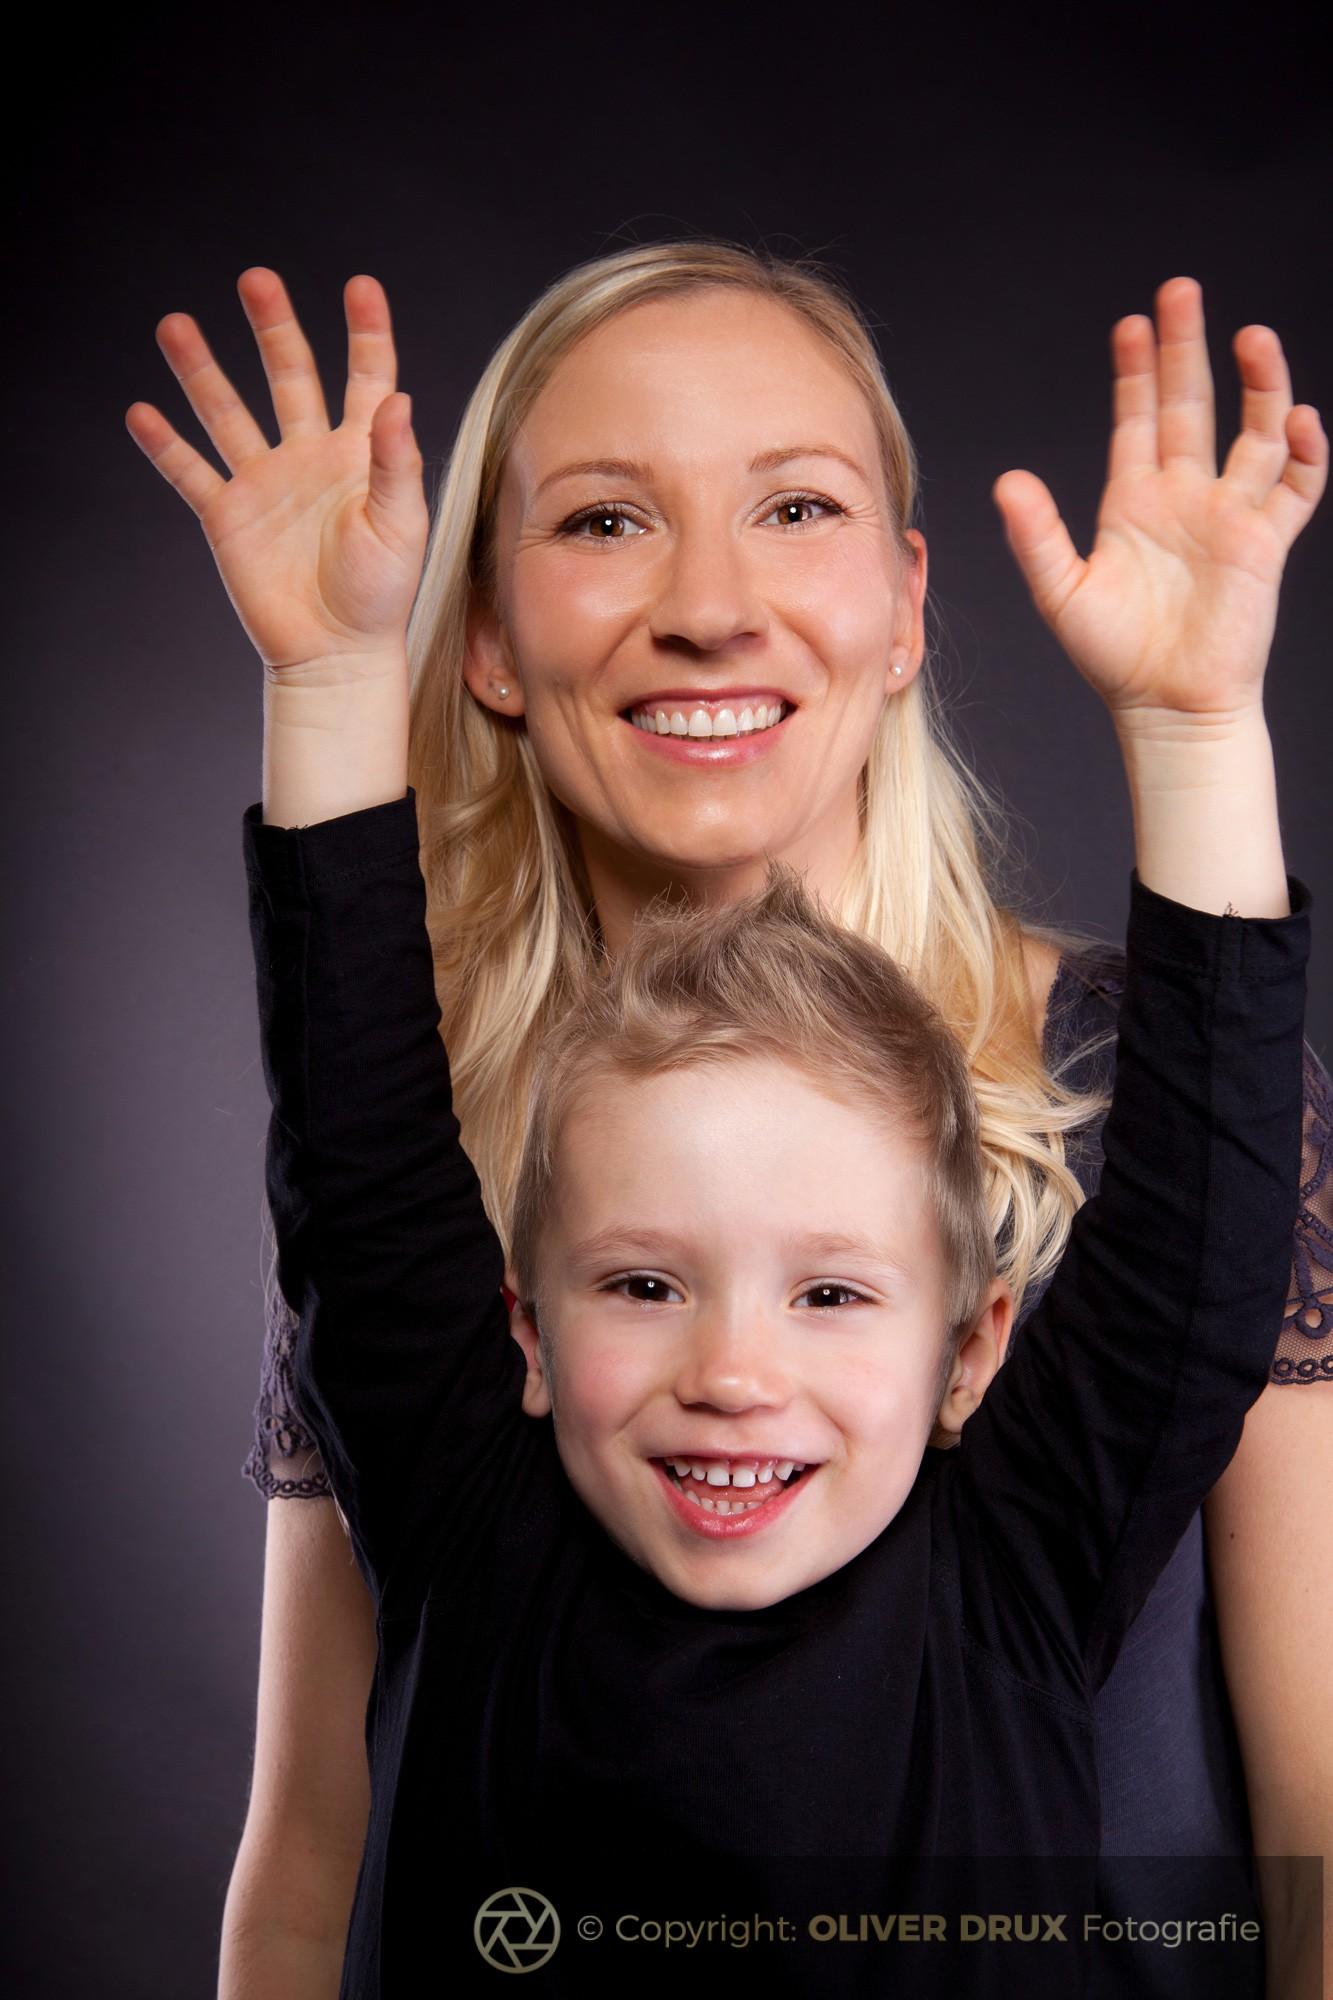 Mutter-und-Sohn-Portrait